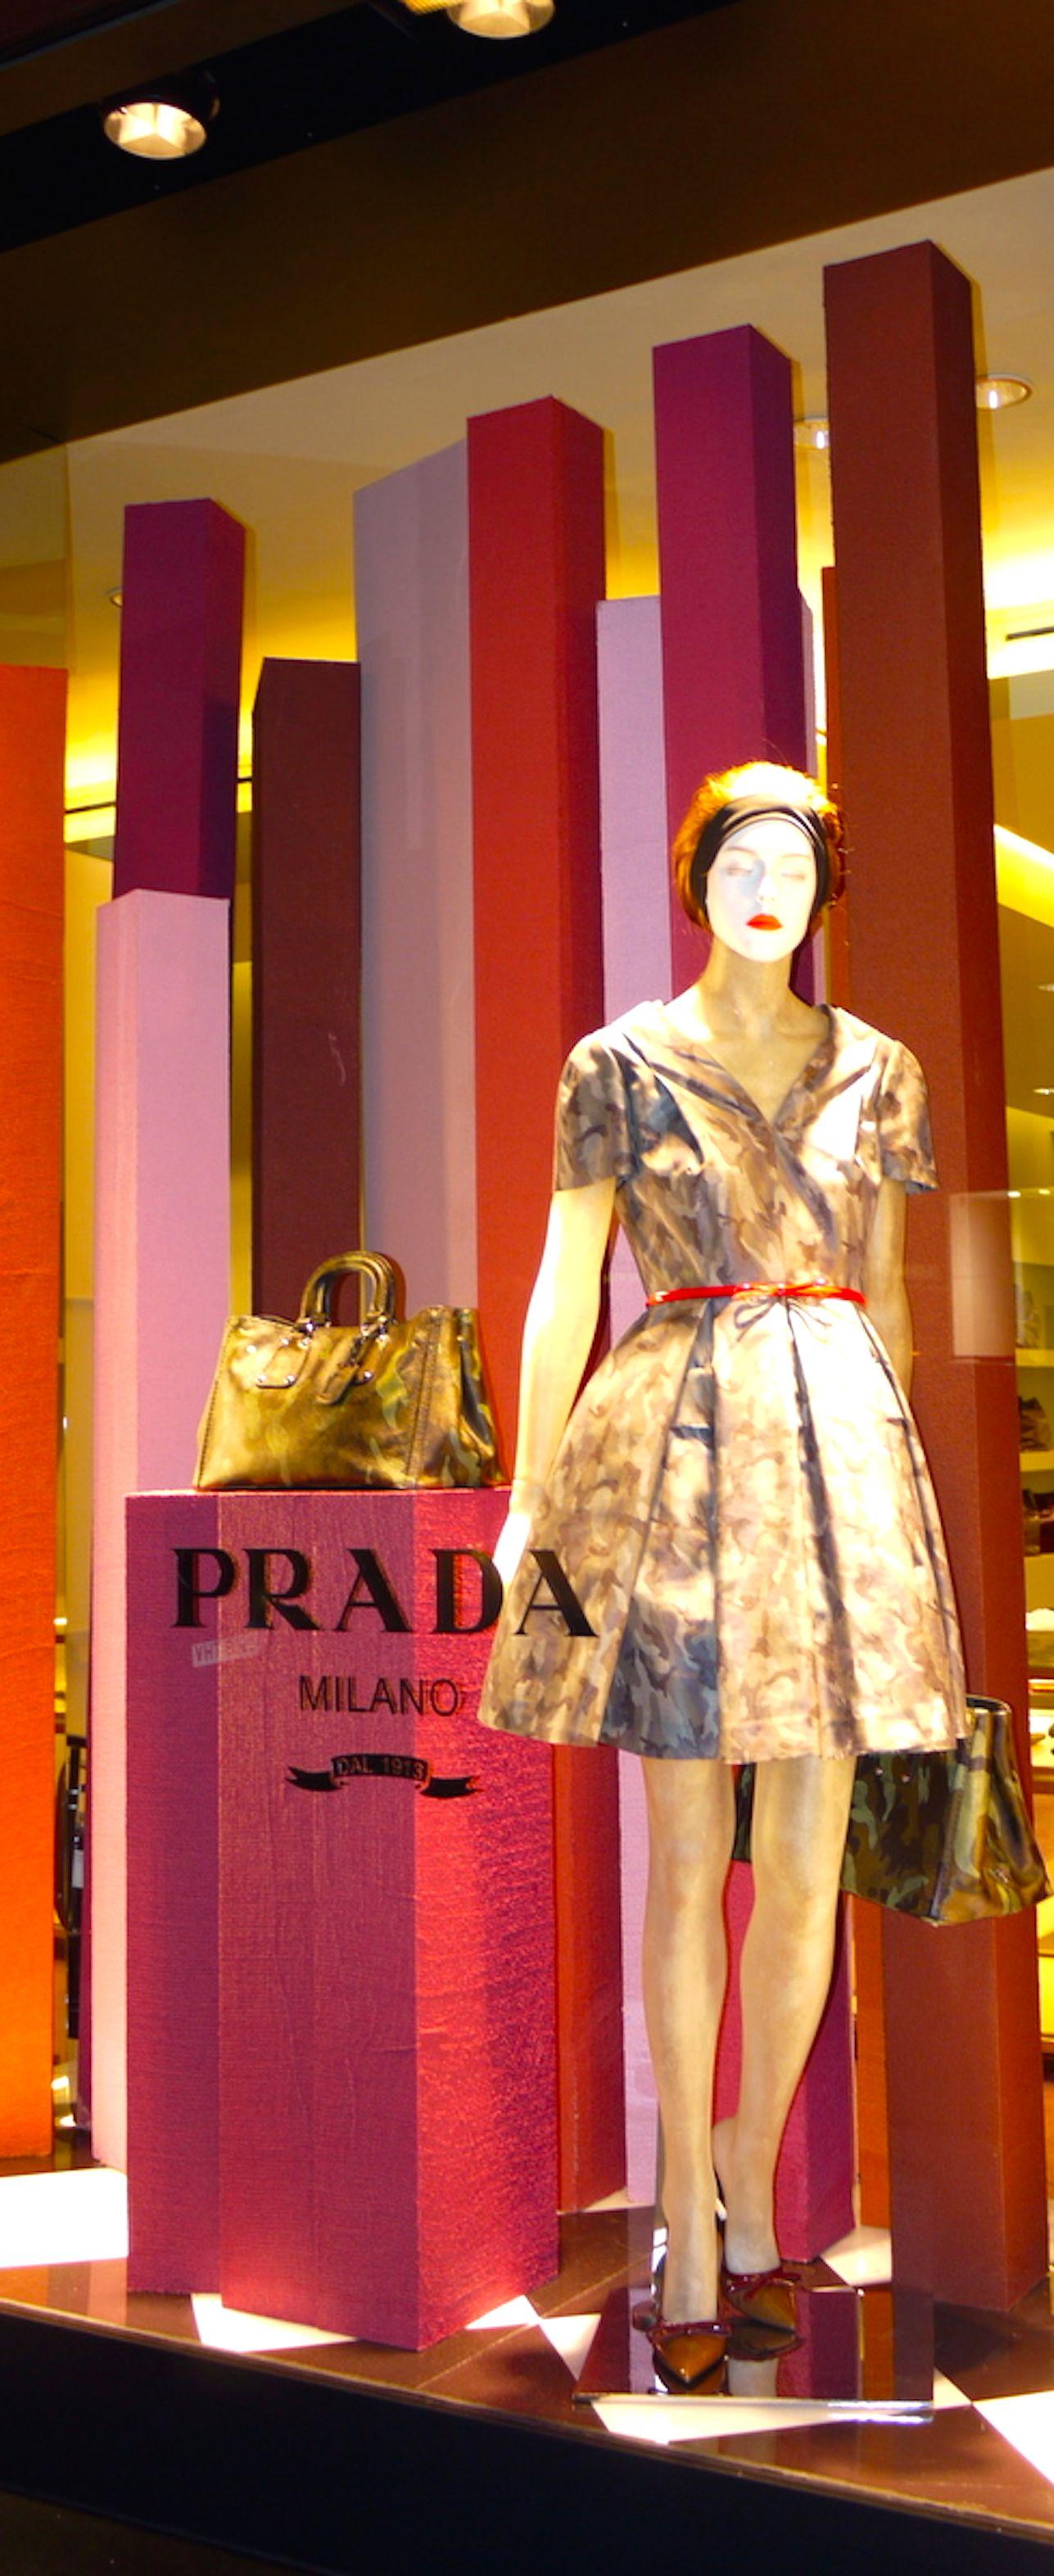 ~Prada Window | House of Beccaria#